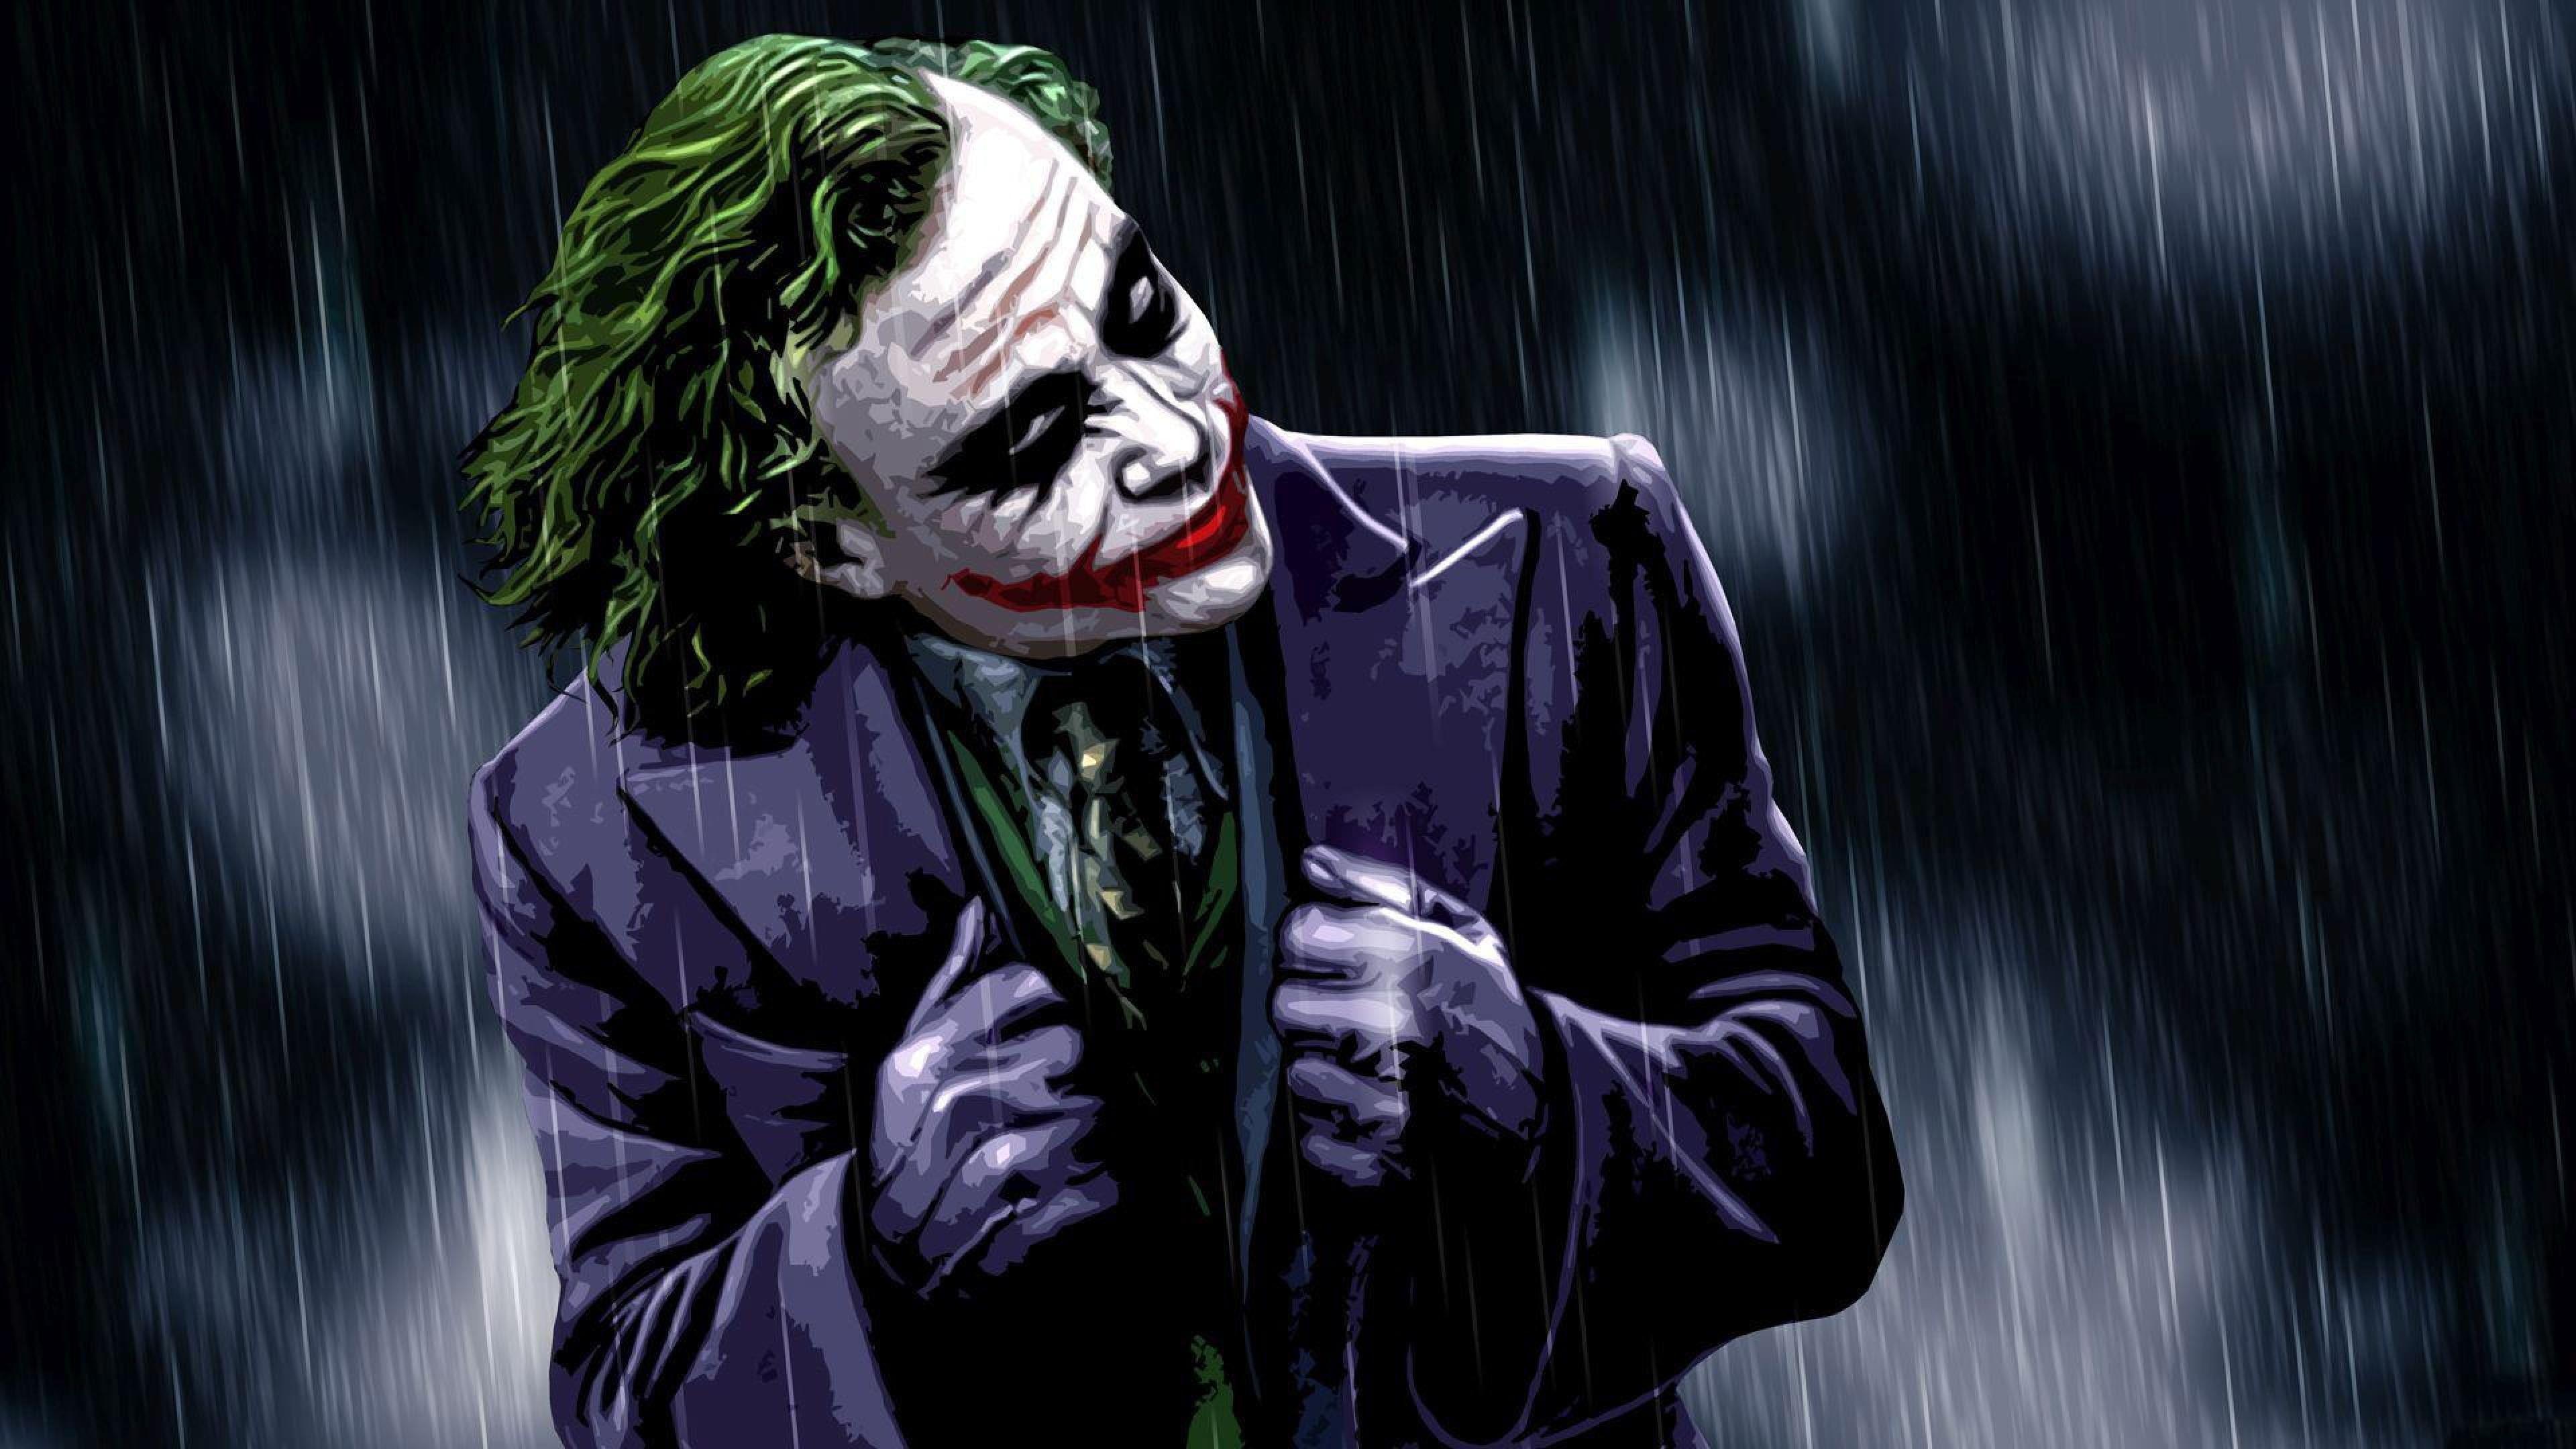 The Joker The Dark Knight Desktop Wallpaper Hd For Mobile Phones And Laptops 3840 2160 4k Wallpape Batman Joker Wallpaper Joker Wallpapers Joker Hd Wallpaper